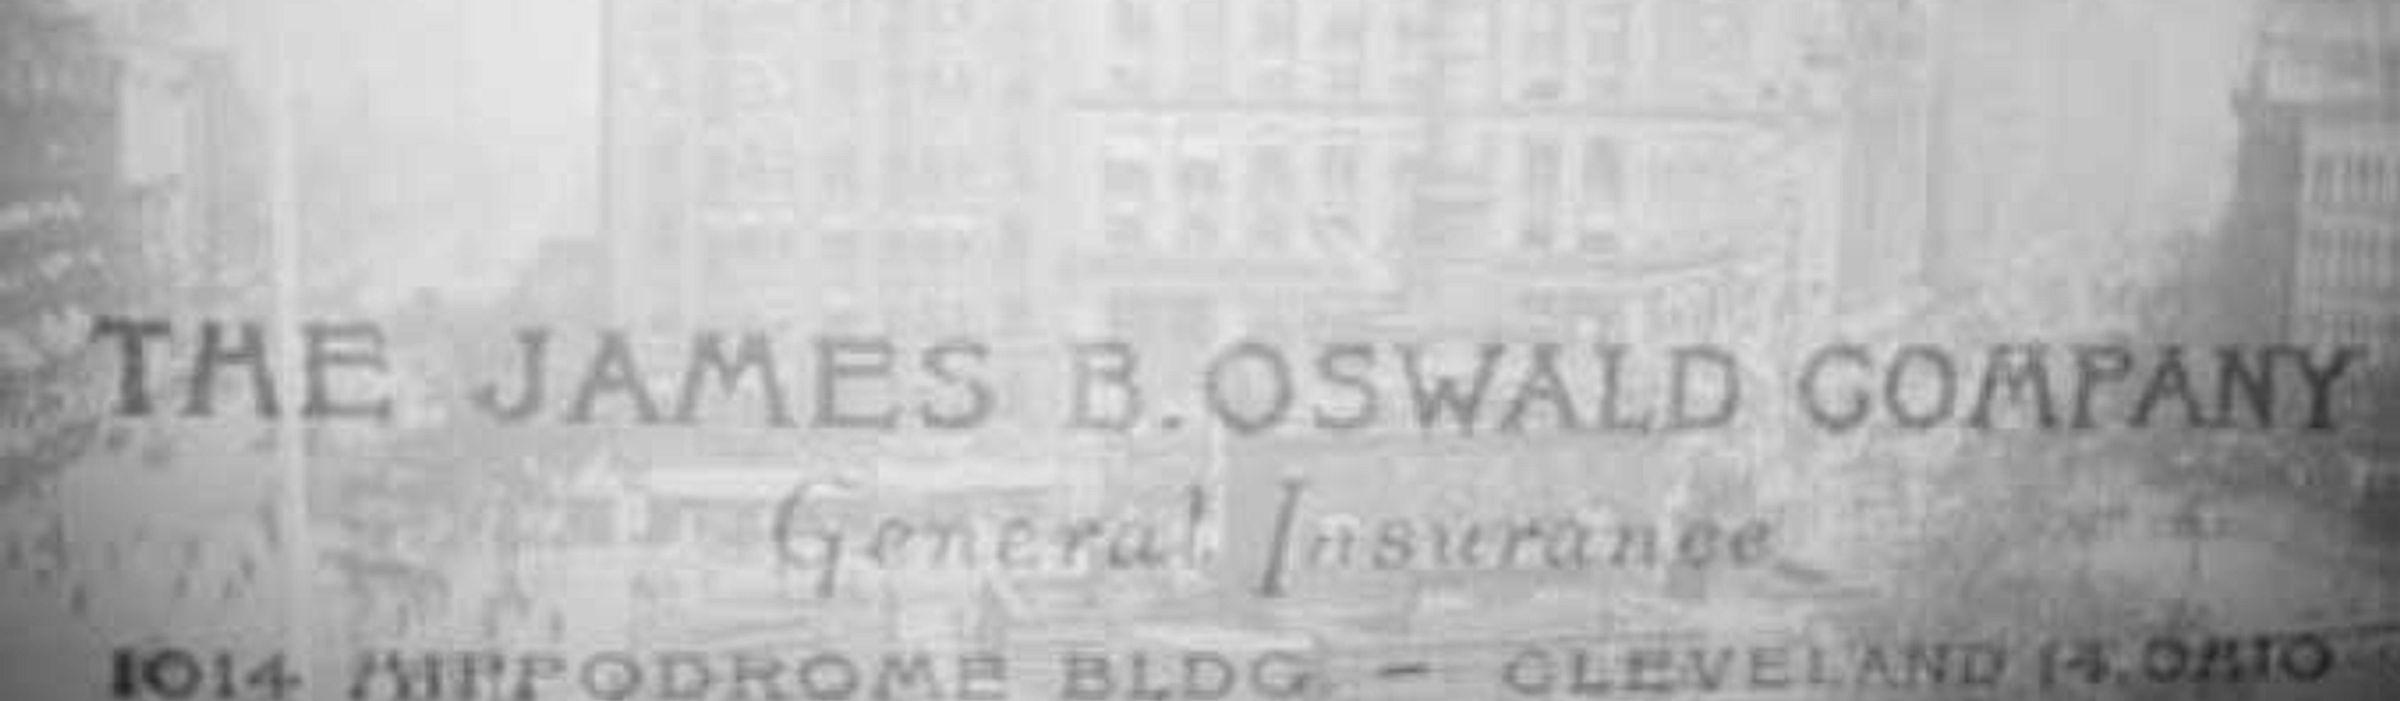 James B Oswald Historical logo